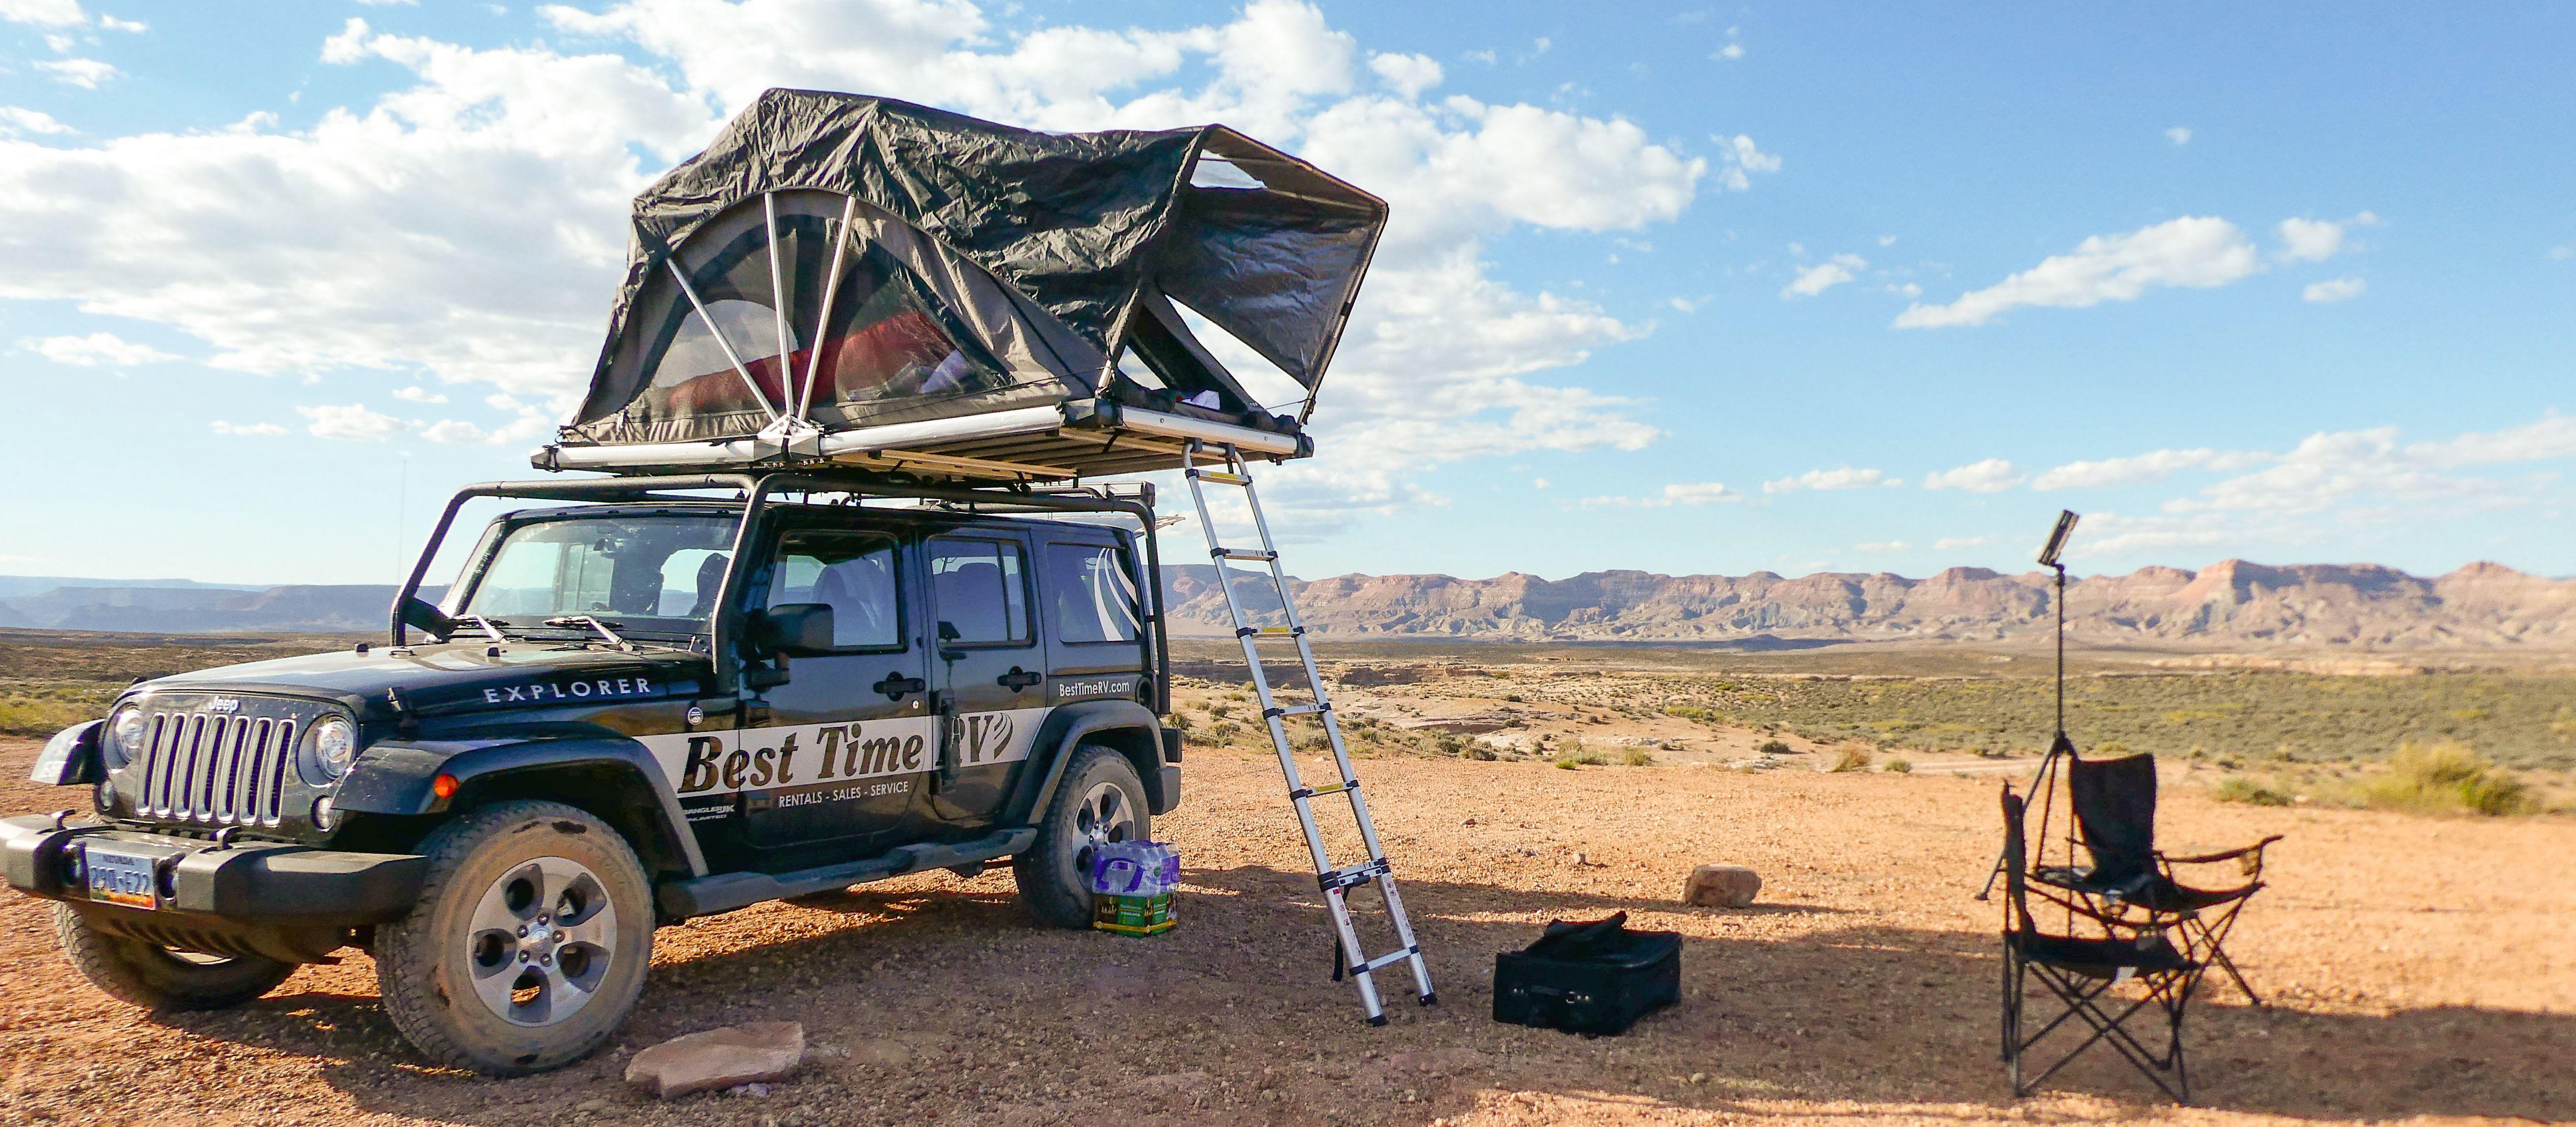 Der Jeep Explorer mit aufgebautem Dachzelt